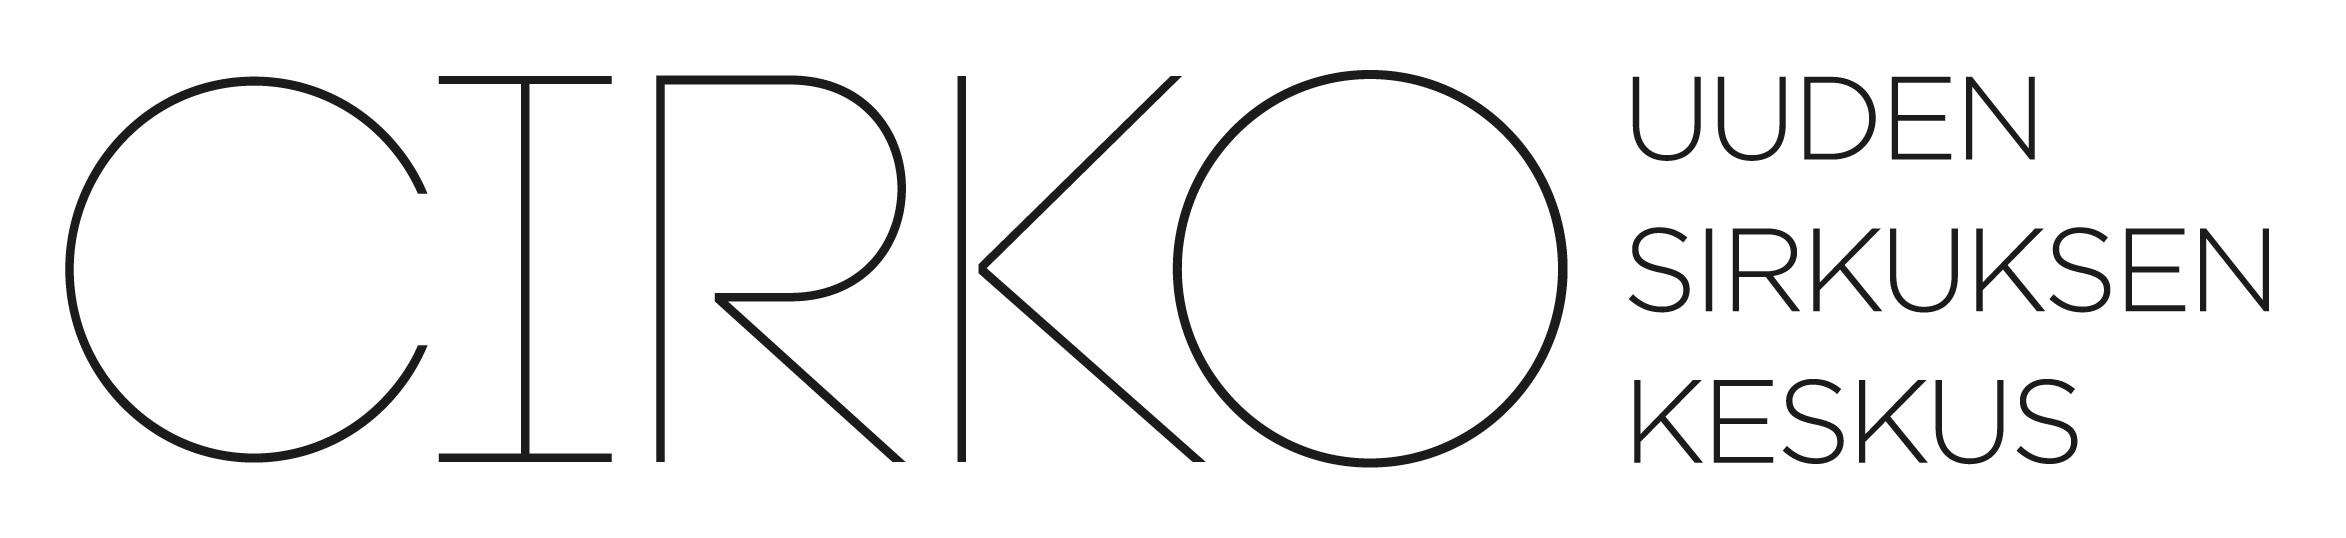 Cirko-logo